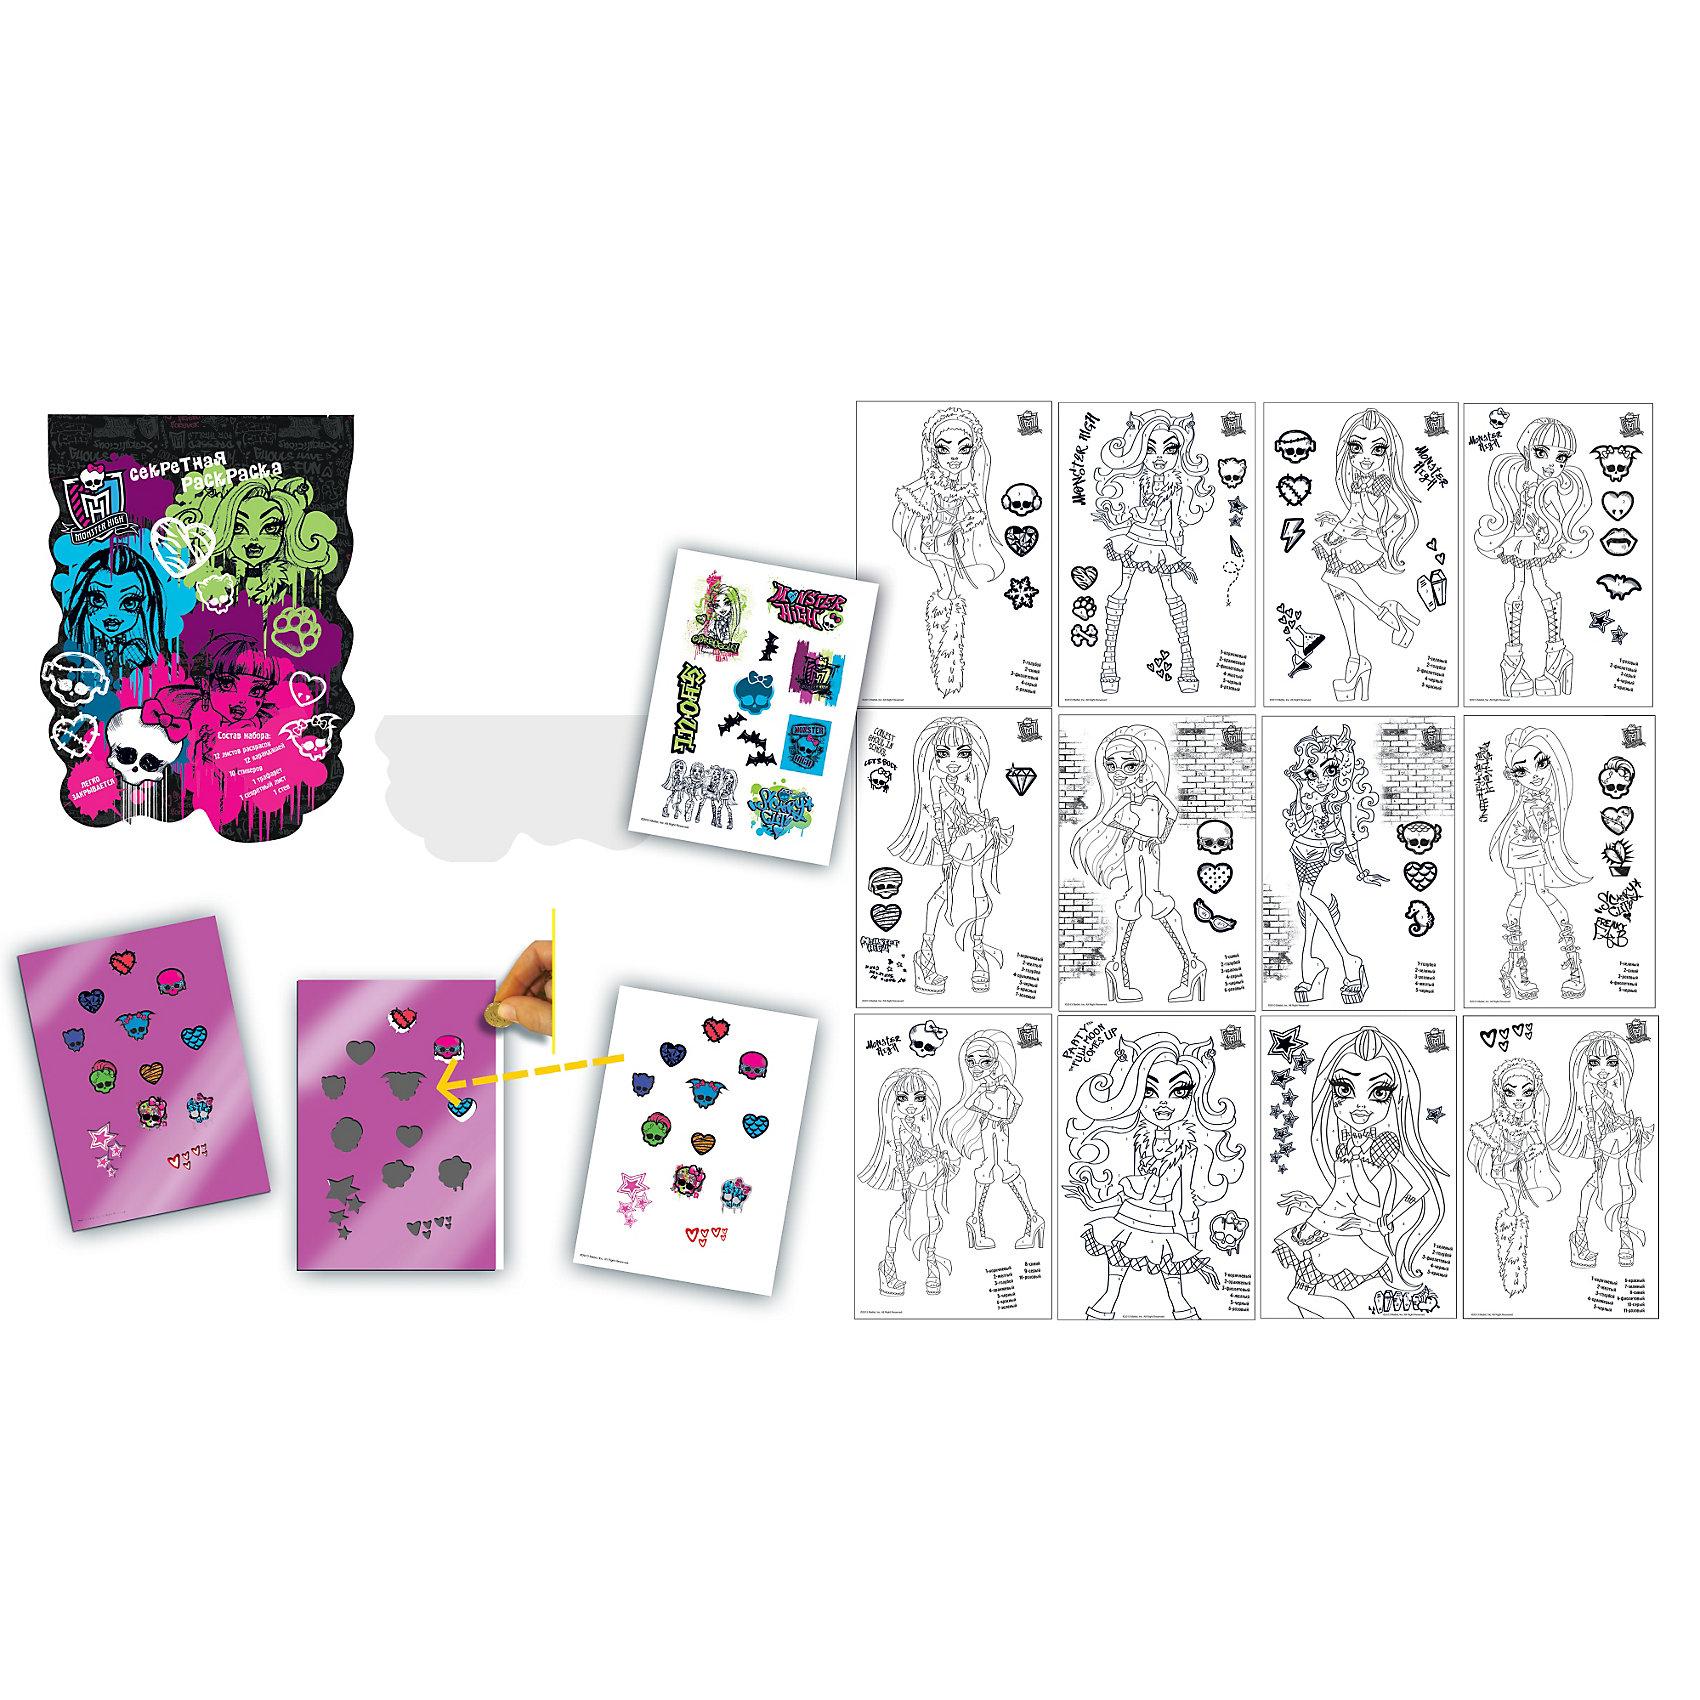 Набор для творчества Секретная раскраска, Monster HighРаскраски по номерам<br>Секретная раскраска, Monster High (Монстр Хай) – этот набор для творчества порадует поклонниц мультсериала Школа Монстров.<br>Набор для рисования с секретными наклейками. Необходимо выполнить задание на странице с раскраской, чтобы появилась фигура, найти фигуру на трафарете и приложить трафарет к секретному листу, снять защитный слой под найденной фигурой с помощью трафарета и стека и приклеить недостающий элемент на лист раскраски.<br><br>Дополнительная информация:<br><br>- В наборе: 12 листов раскрасок, 6 карандашей, 10 стикеров, трафарет, секретный лист, стек<br><br>Секретная раскраска, Monster High (Монстр Хай) можно купить в нашем интернет-магазине.<br><br>Ширина мм: 500<br>Глубина мм: 350<br>Высота мм: 280<br>Вес г: 73<br>Возраст от месяцев: 60<br>Возраст до месяцев: 96<br>Пол: Женский<br>Возраст: Детский<br>SKU: 3986130